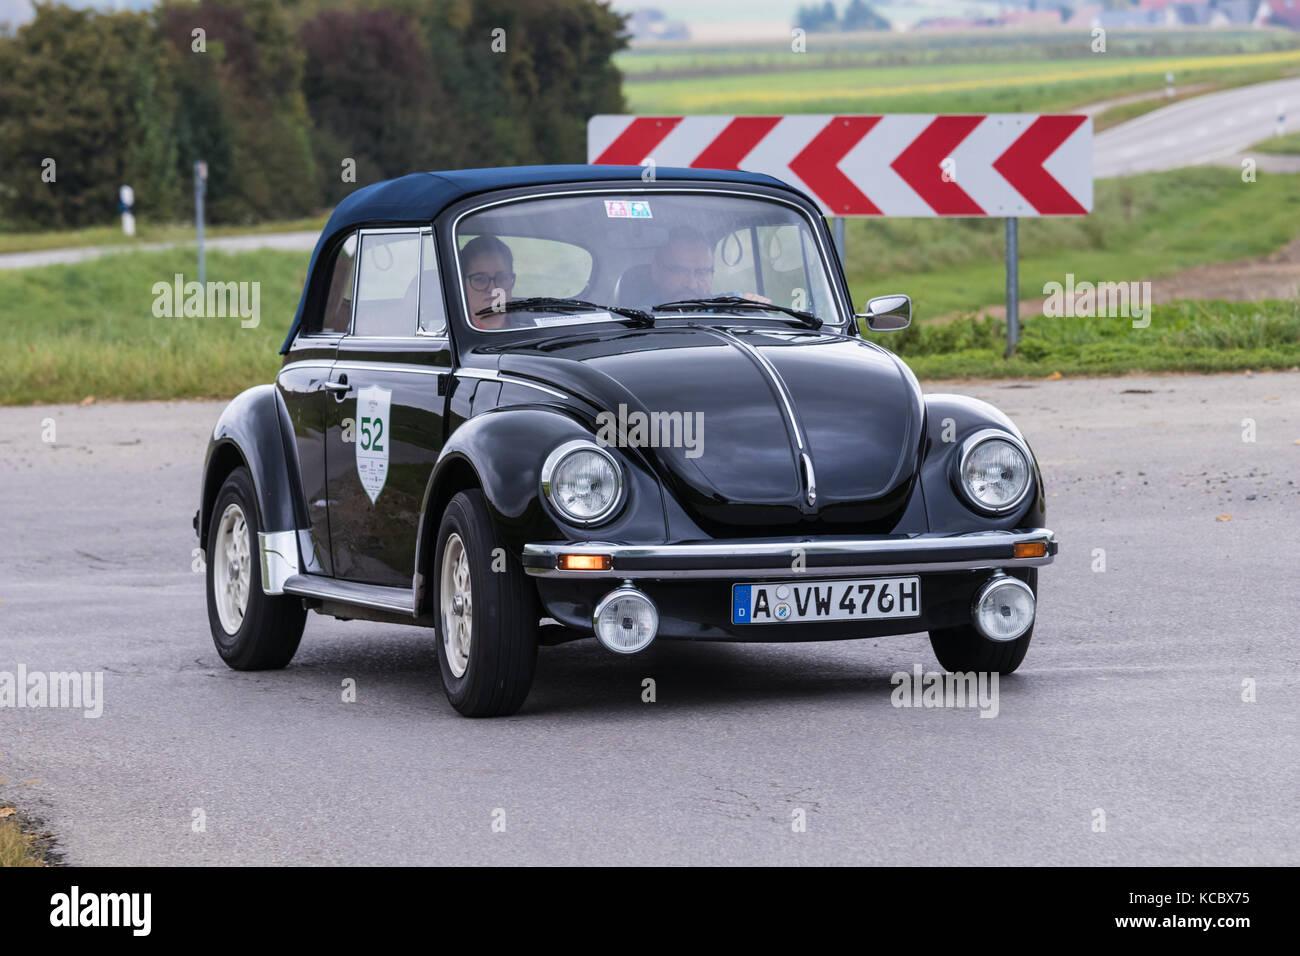 Augsburg, Allemagne - 1 octobre 2017: Volkswagen Beetle ls 1303 type 1 voiture à l'oldtimer classic 2017 fuggerstadt oldtimer rallye le 1 octobre, 2017 Banque D'Images